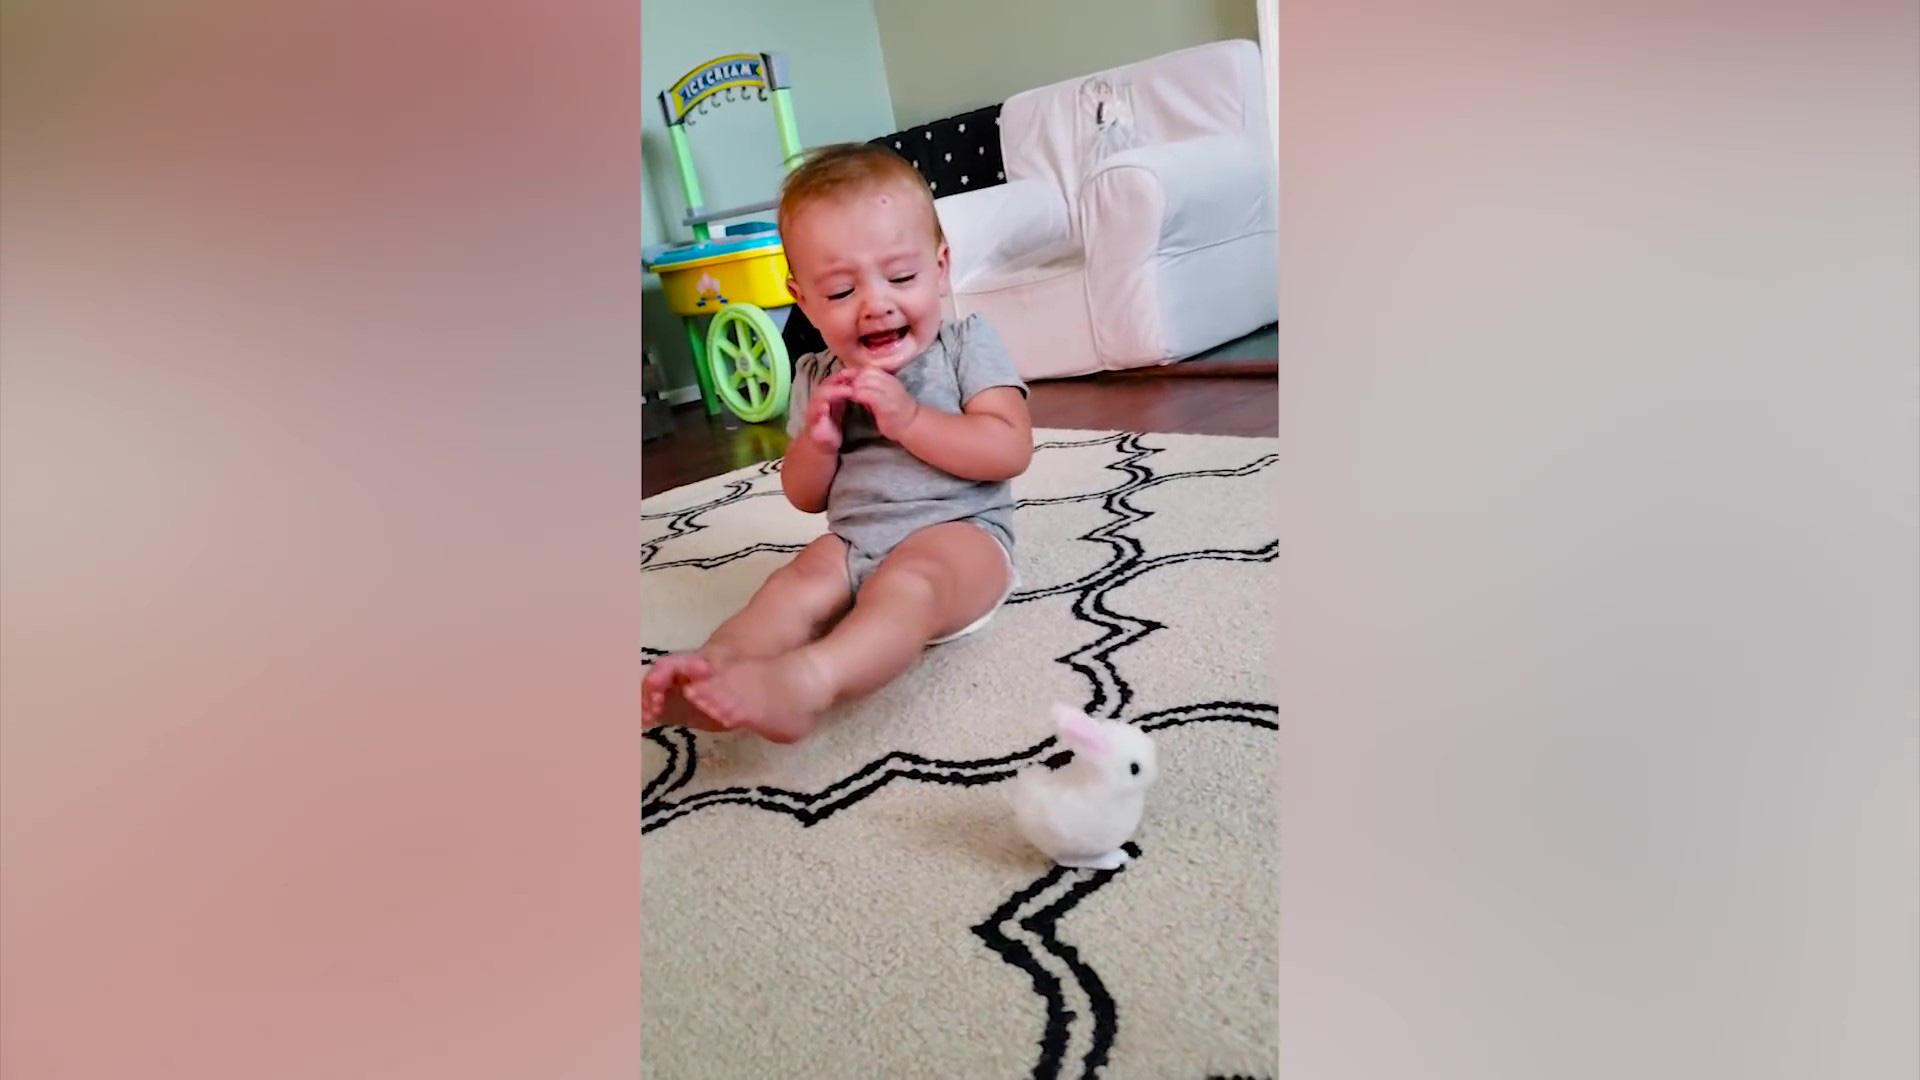 Video clip hài: Biểu cảm bất ngờ của trẻ em khi lần đầu nhìn thấy đồ chơi - Ảnh 2.